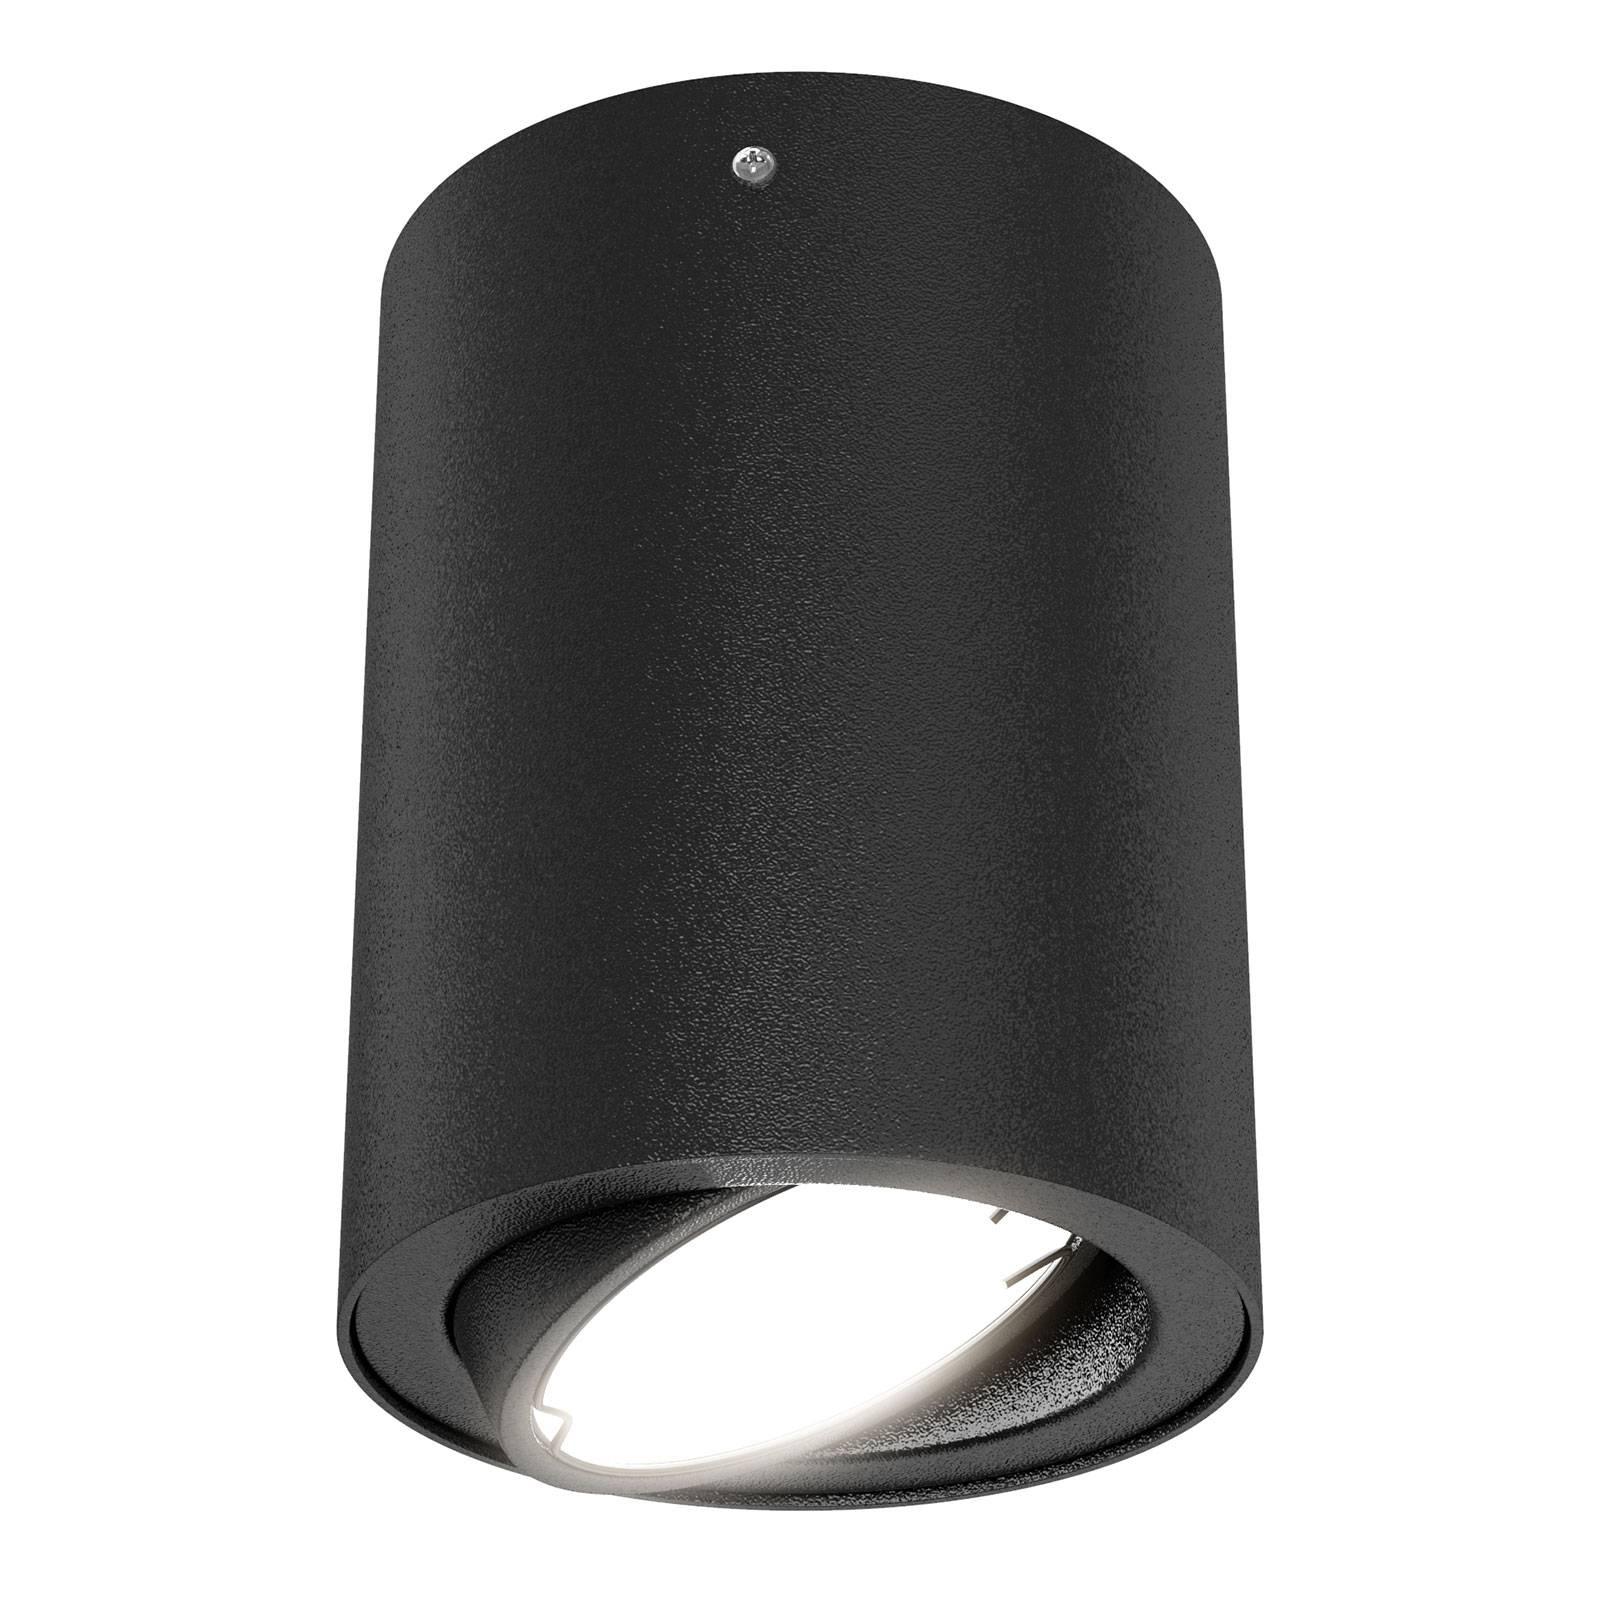 LED-kattovalaisin 7119, GU10, musta